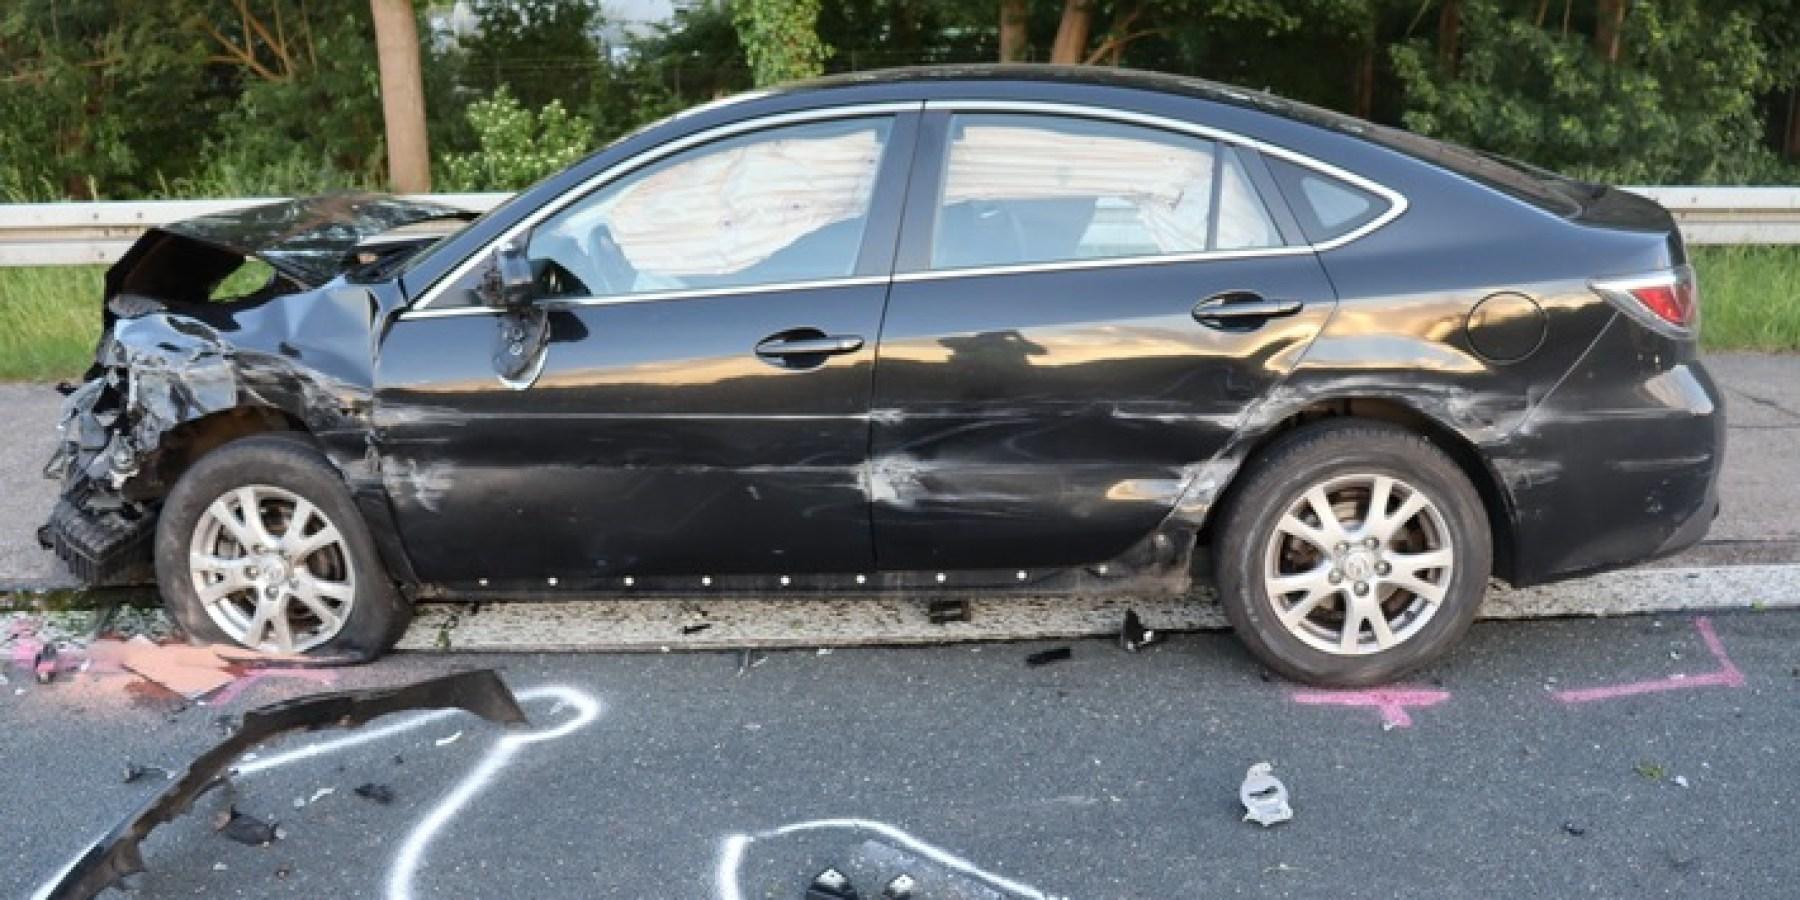 Unfall am Stauende – über 60.000 Euro Sachschaden